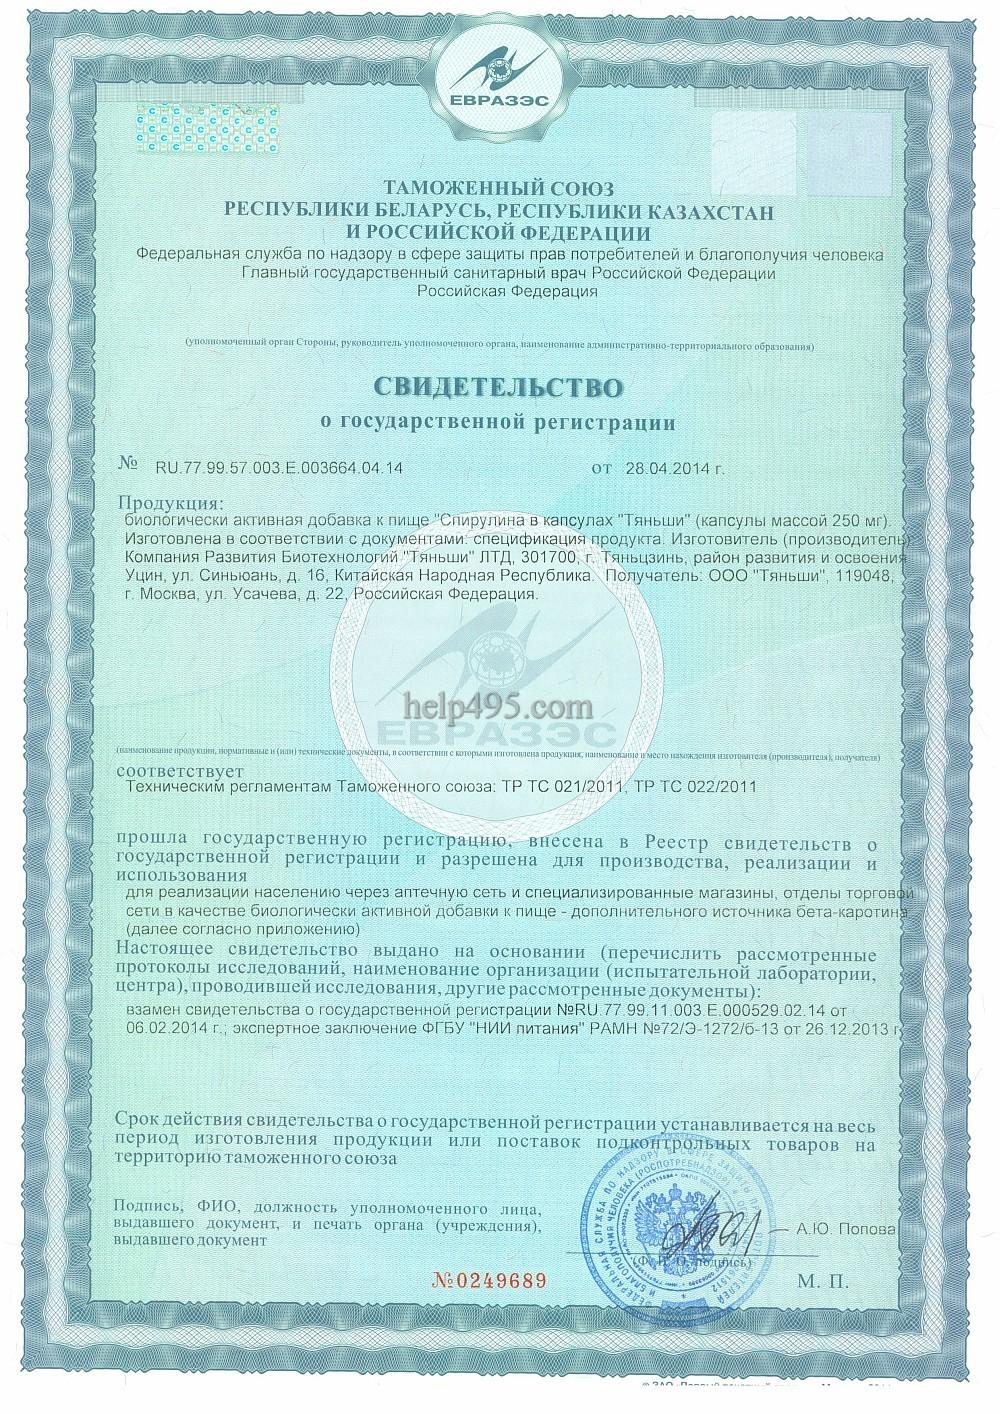 1-ая стр. сертификата препарата: Спирулина в капсулах